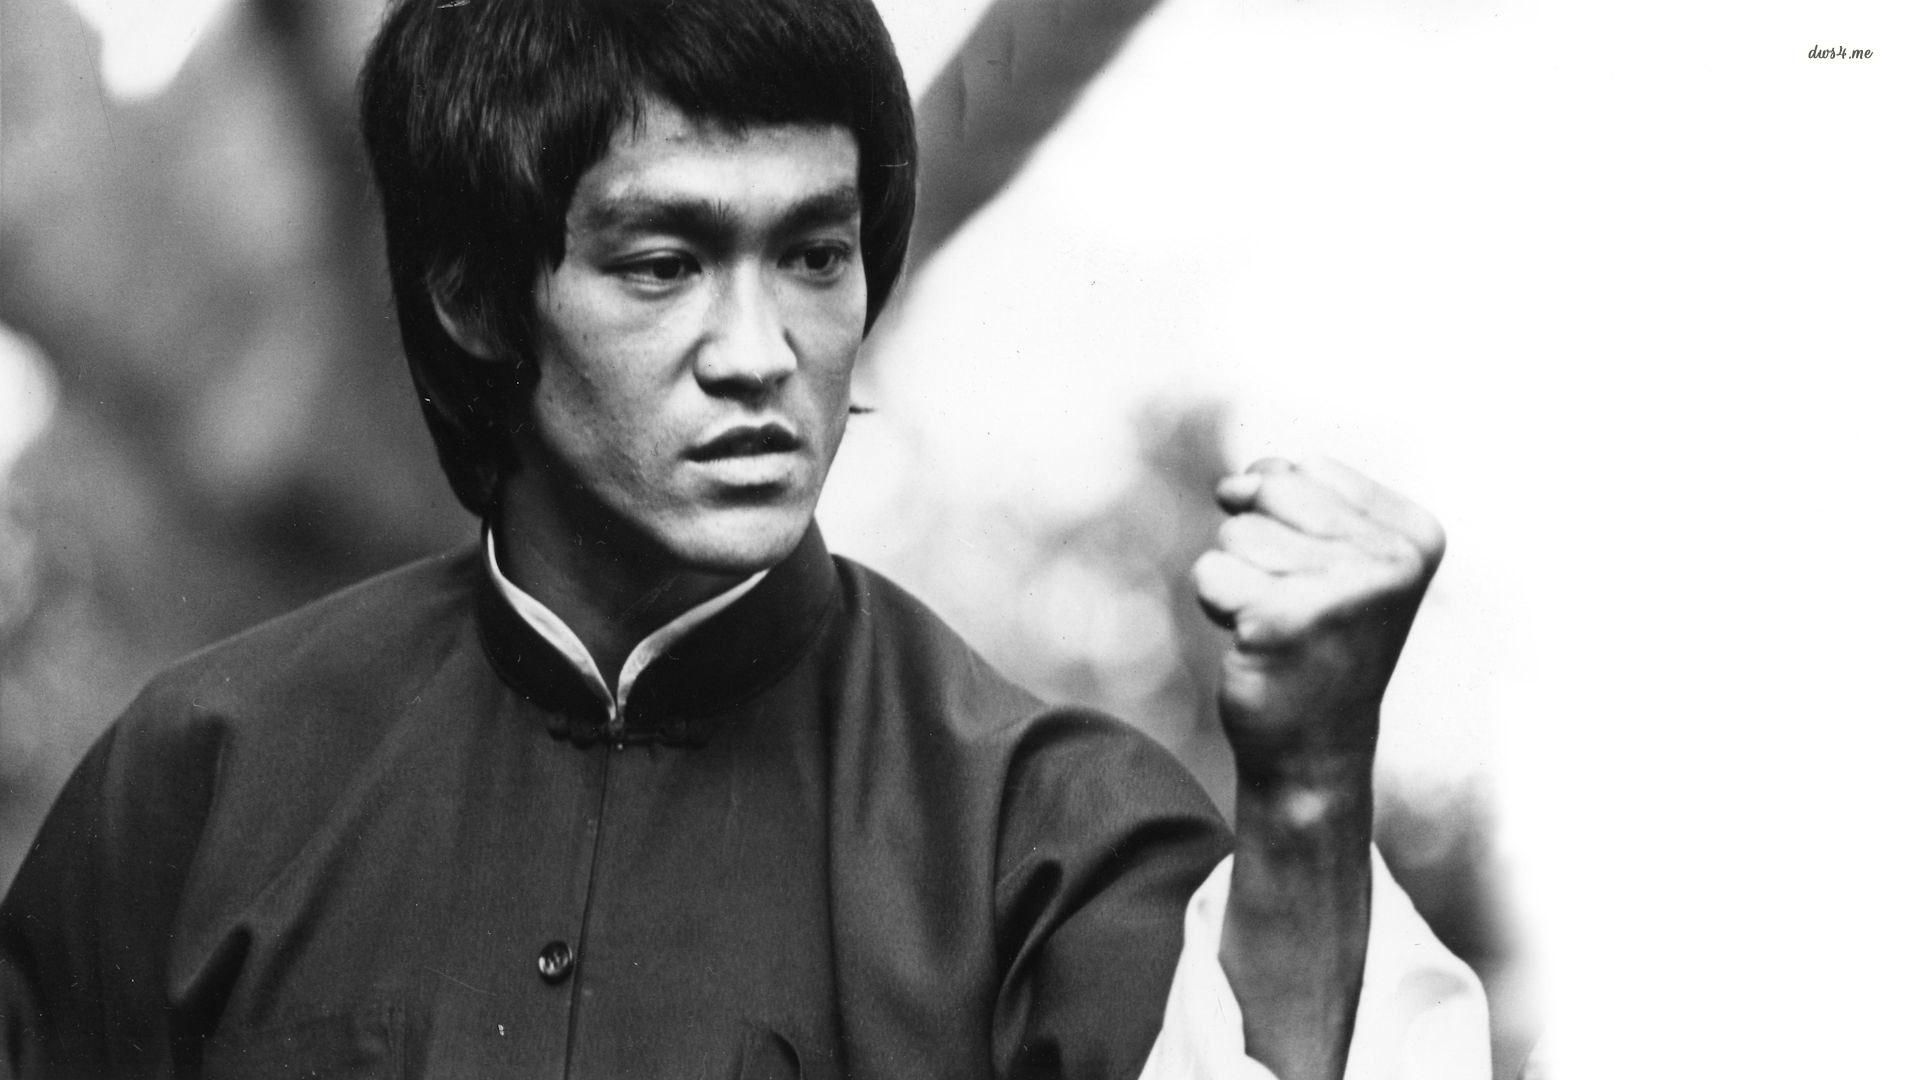 Major Definite Purpose Bruce Lee